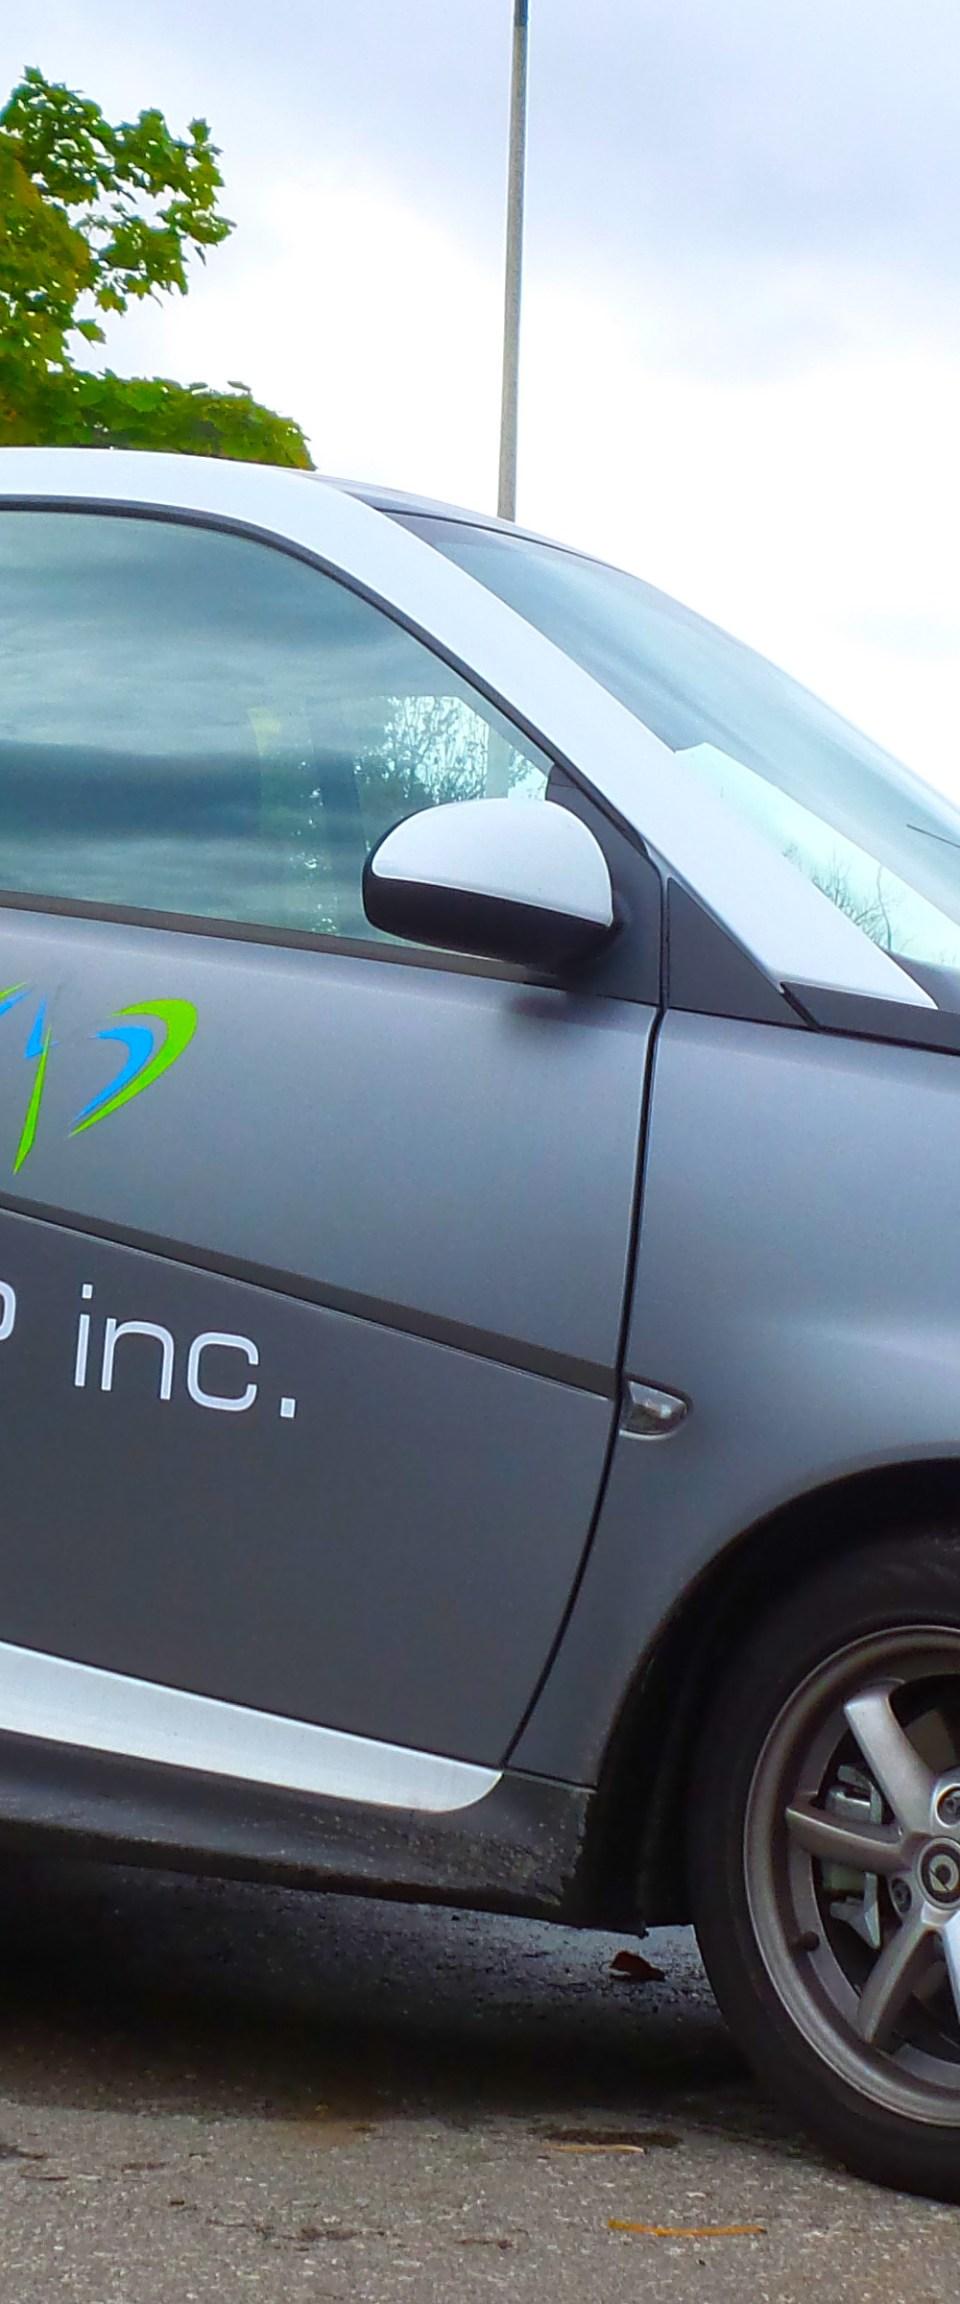 C4P smart car